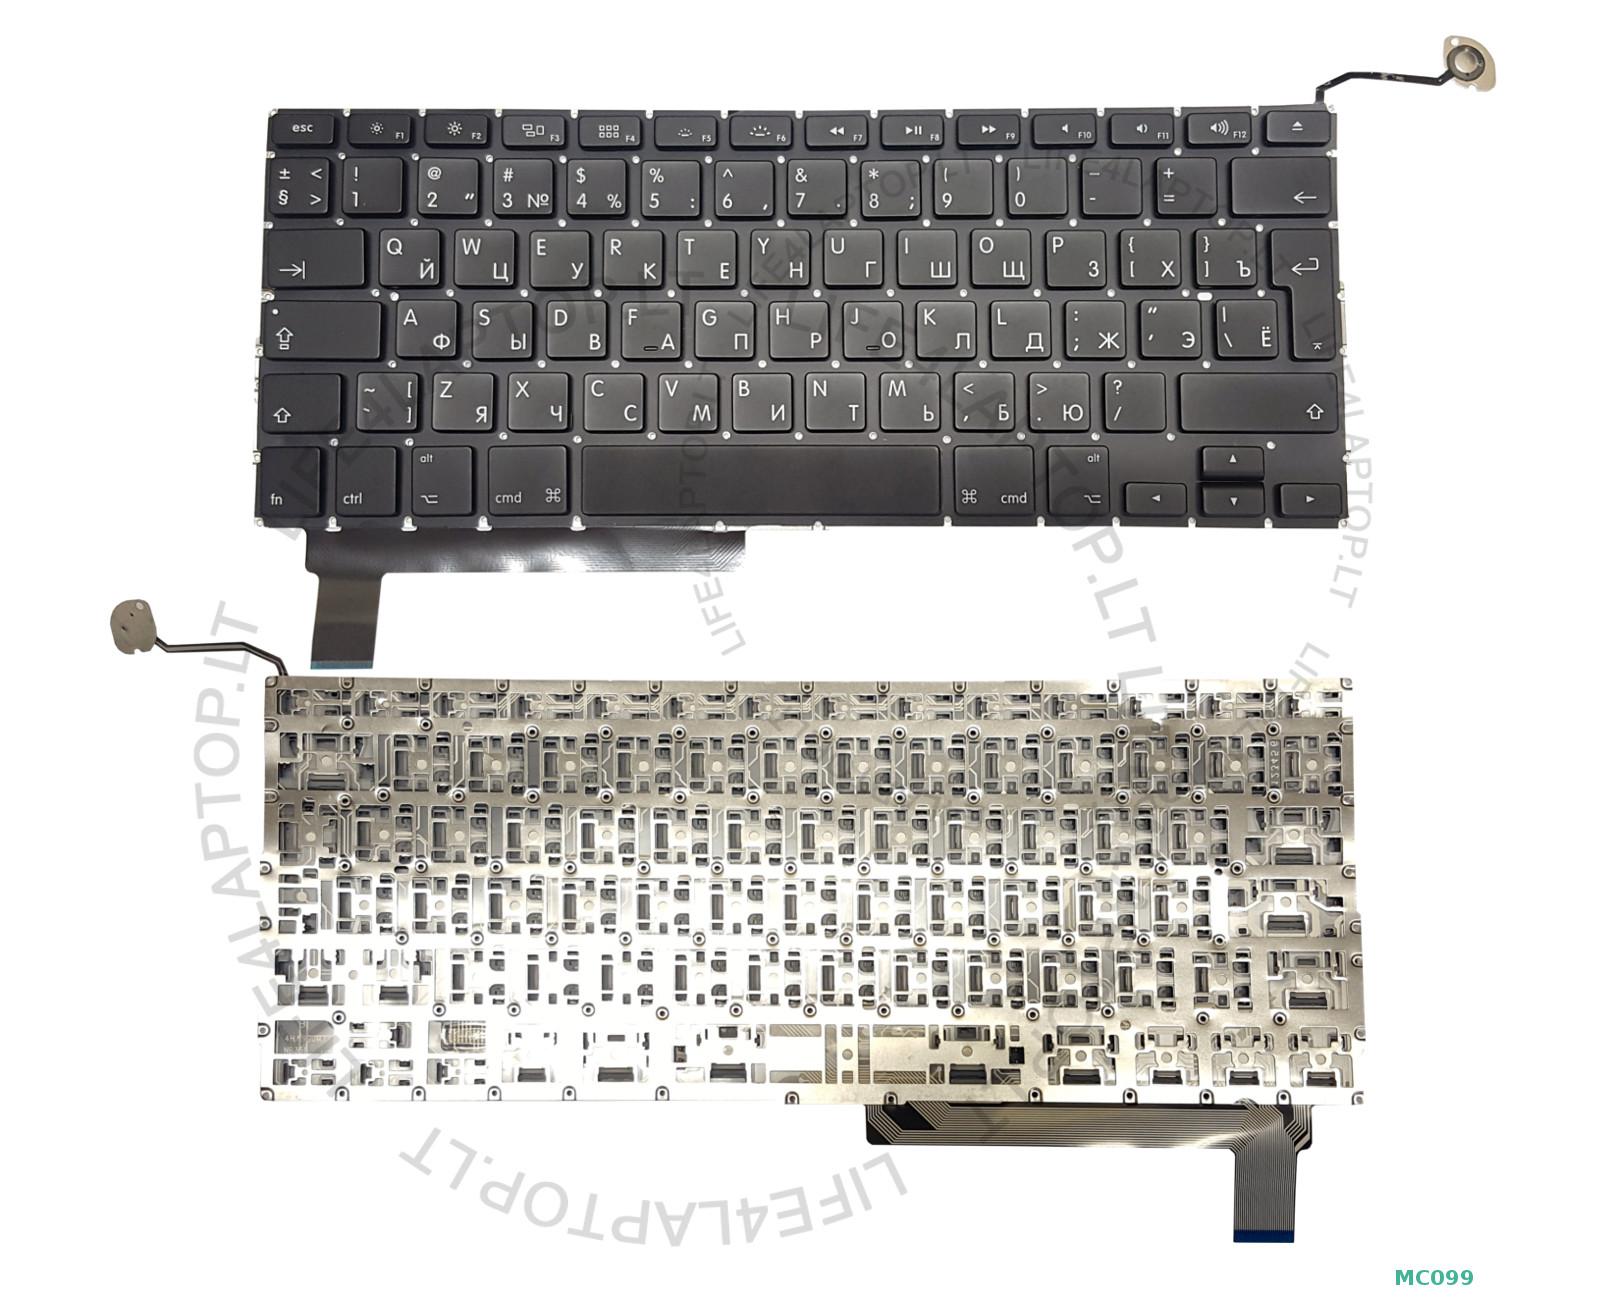 Nuevo-Apple-MacBook-Pro-15-034-Unibody-A1286-TECLADO-NEGRO-GB-2009-2010-2011-2012